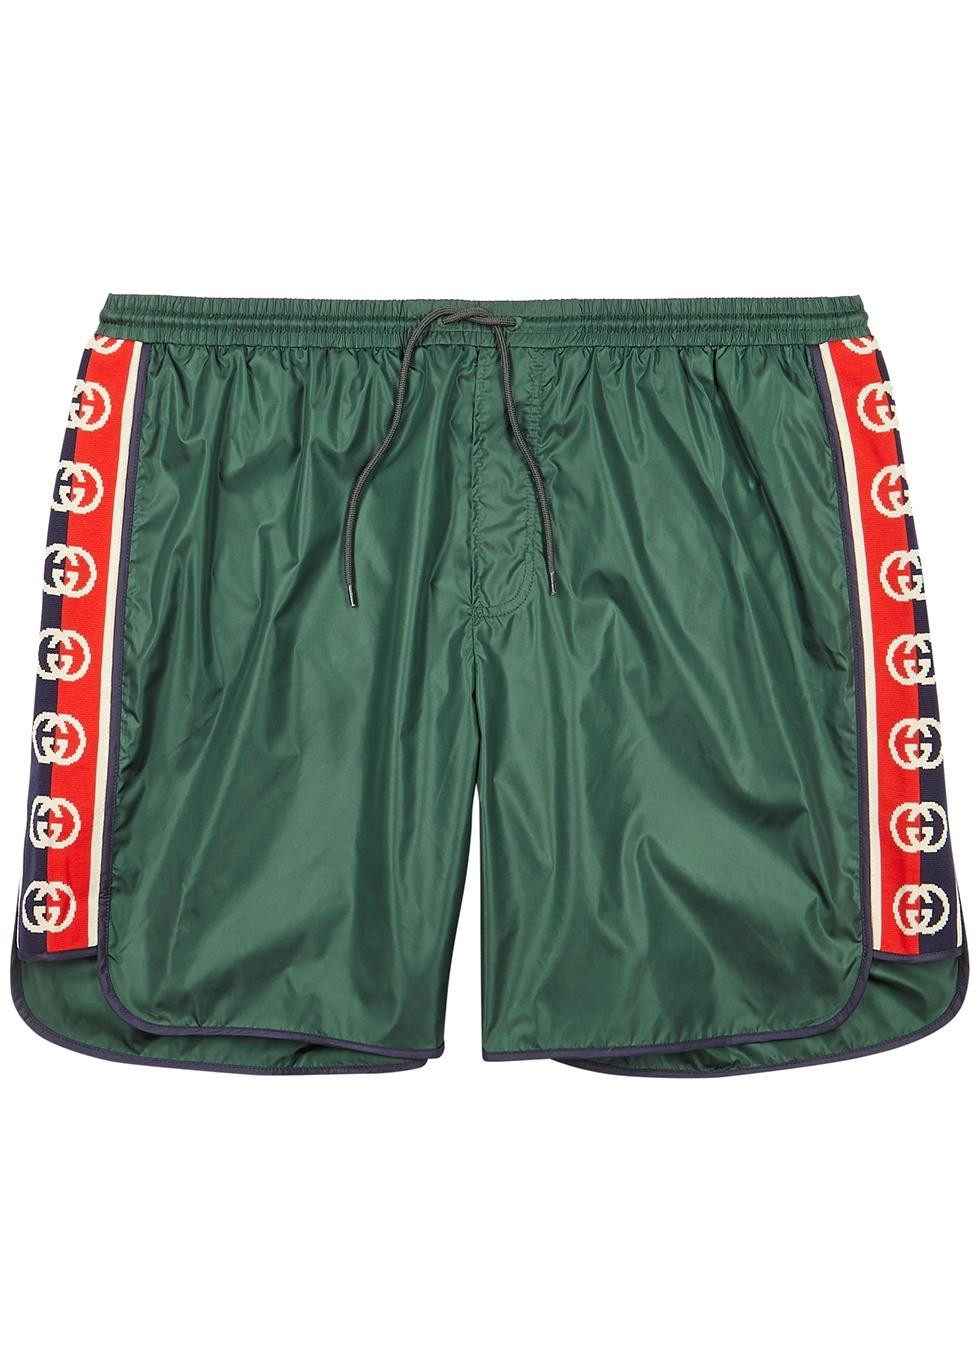 50d139c31d Men's Designer Swimwear - Swim Shorts & Trunks - Harvey Nichols